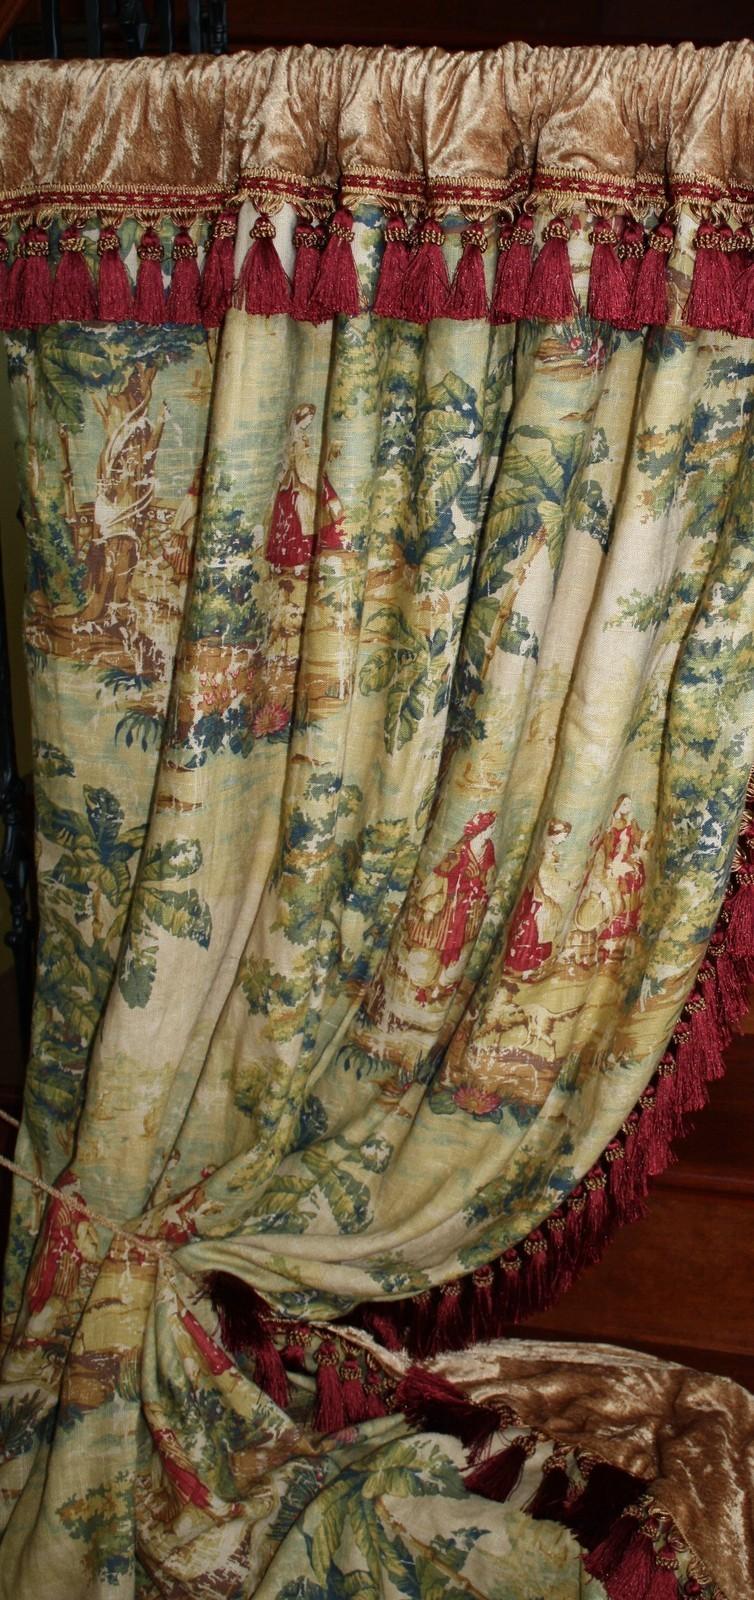 CUSTOM DRAPES PANELS Covington Bosporus Toile Drape Fabric ...